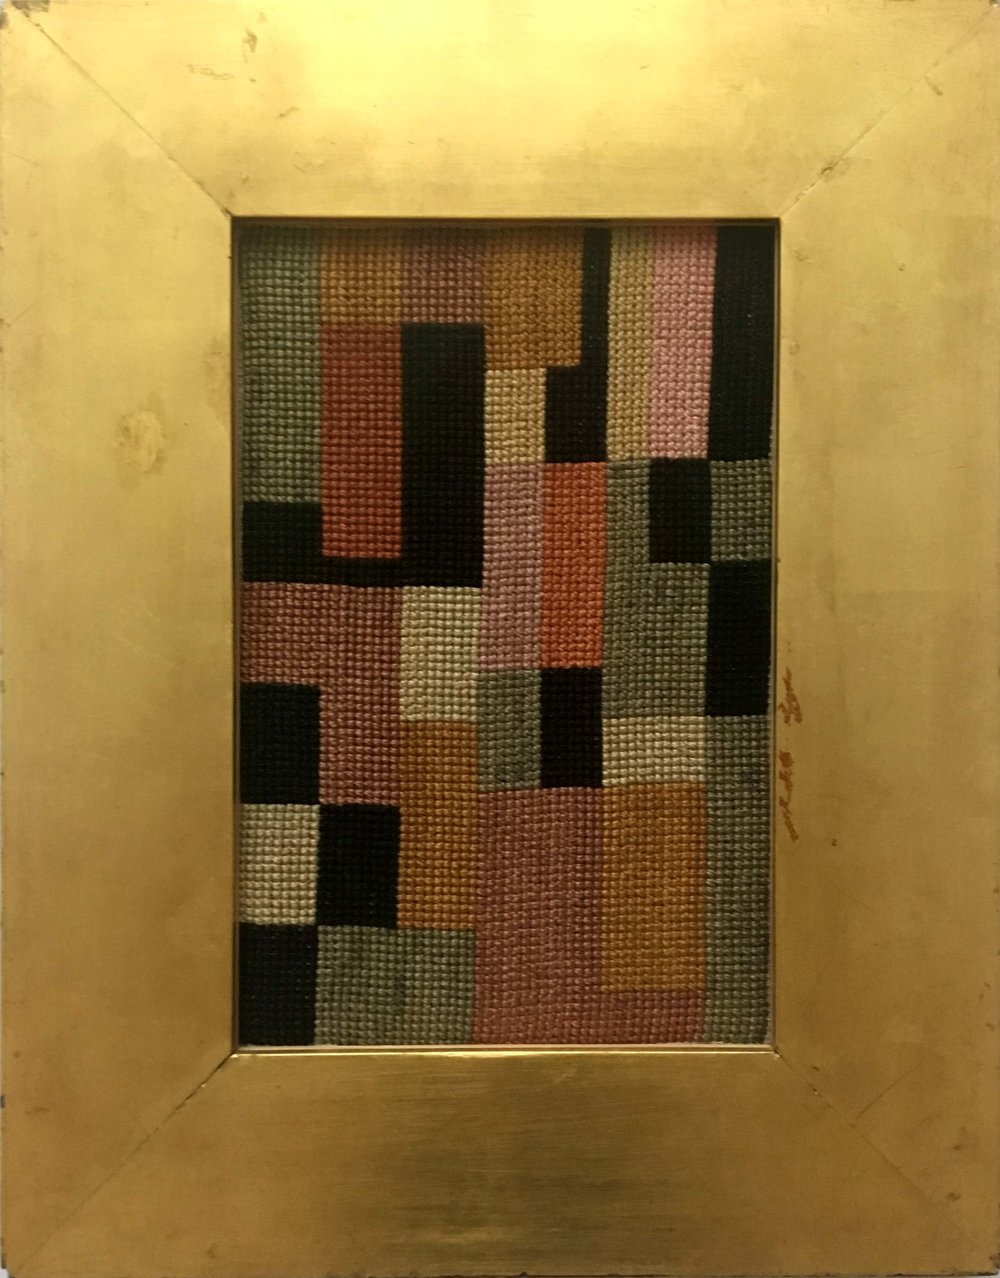 Hans Arp, Sophie Taueber-Arp, Untitled, 1916-17